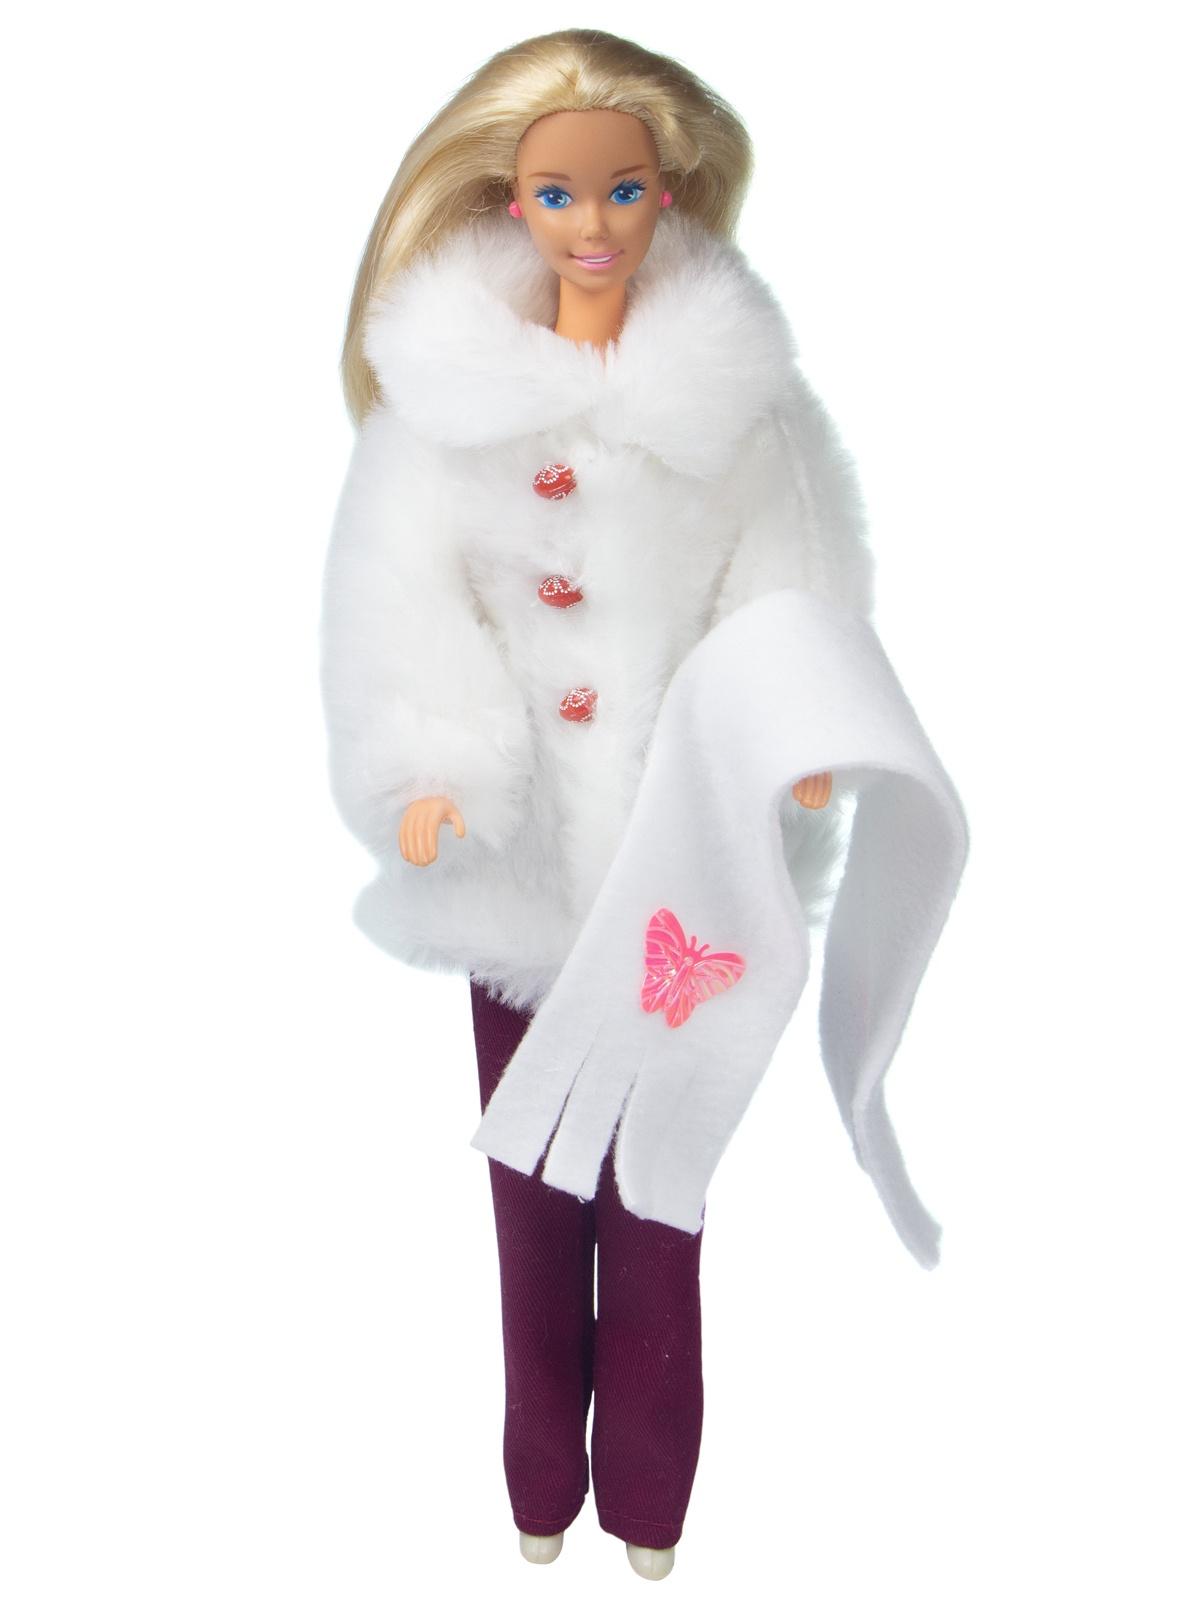 Одежда для кукол Модница Полушубок и брючки для кукол 29 см белый